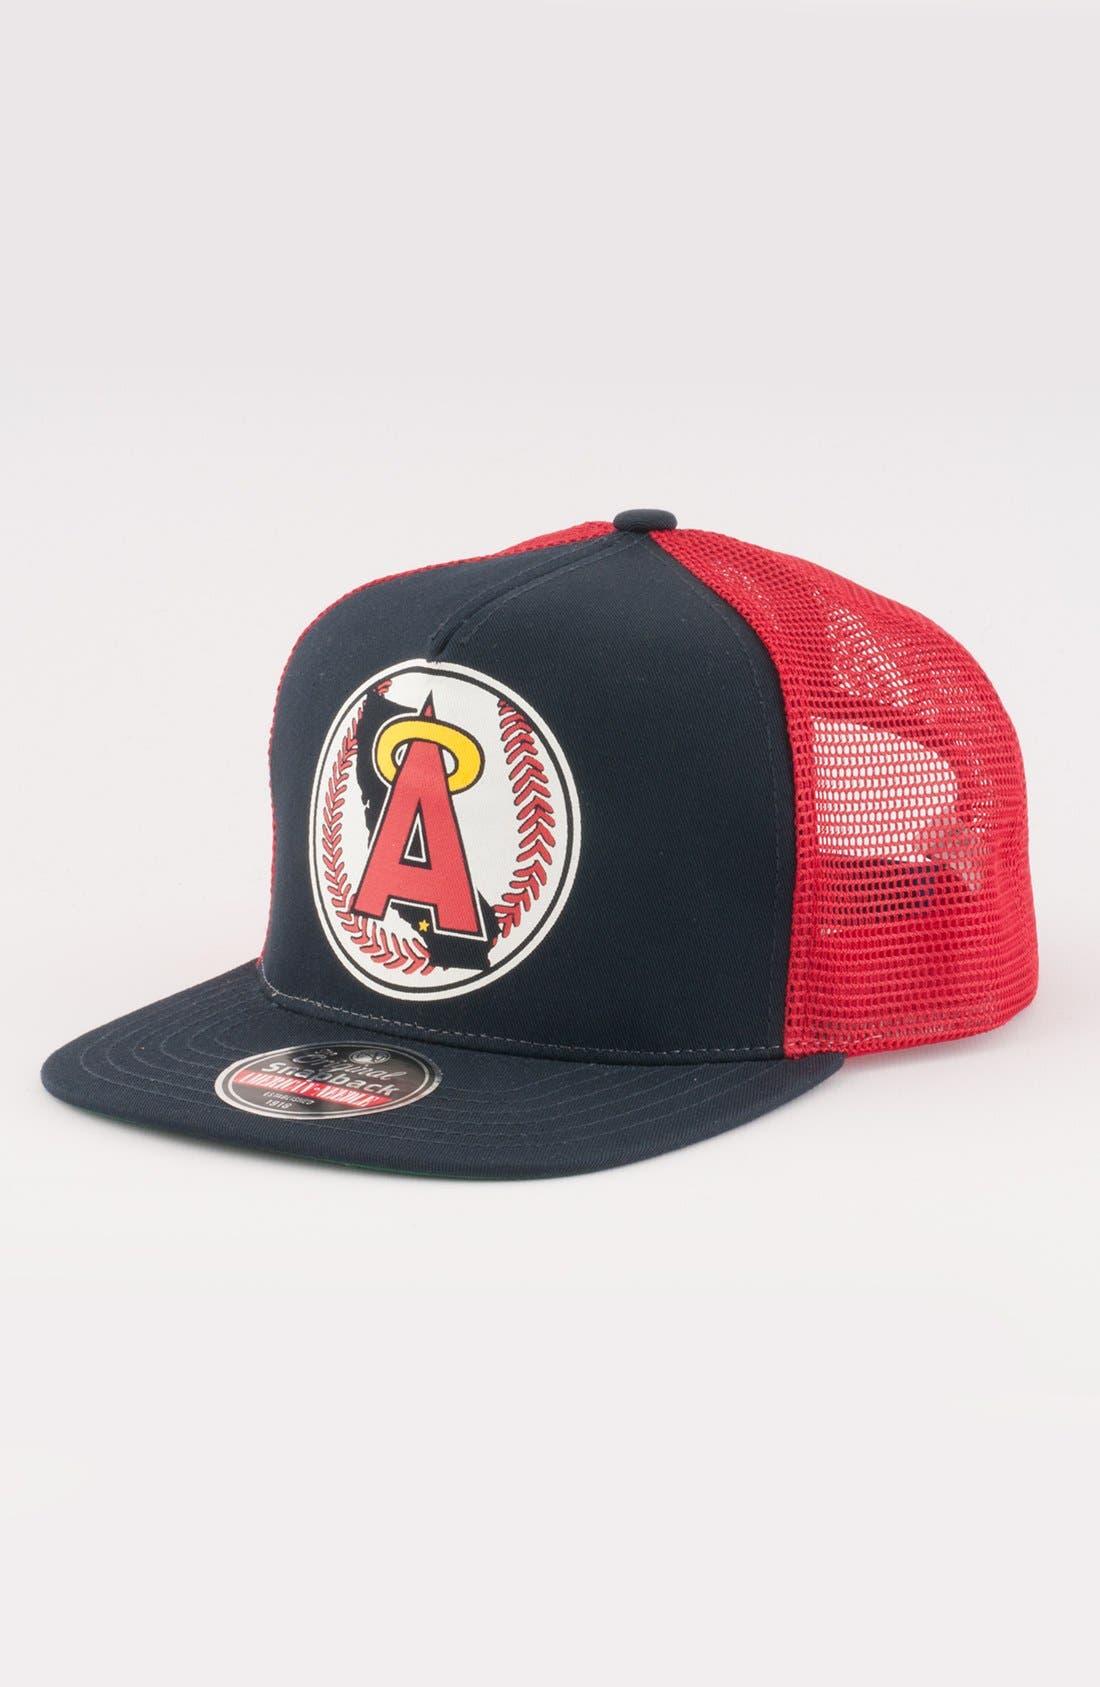 Alternate Image 1 Selected - American Needle 'Los Angeles Angels of Anaheim - Gatekeeper' Baseball Cap